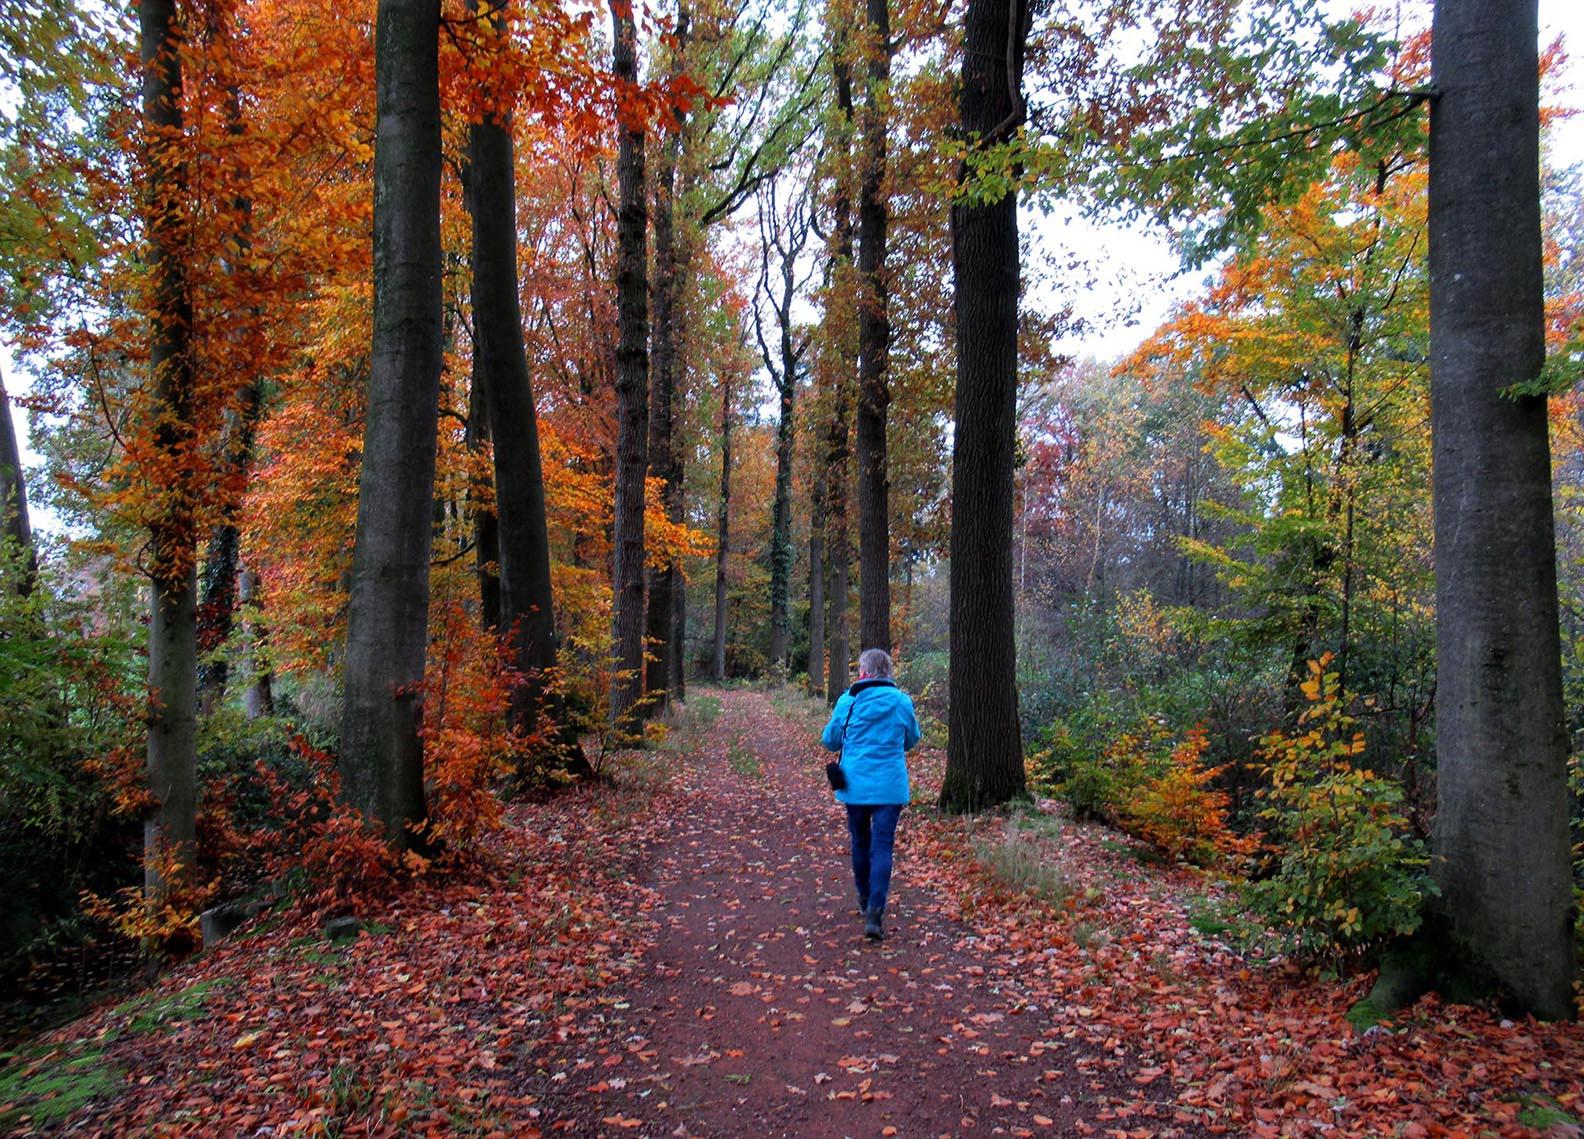 Fransien loopt tussen de prachtige coulissen van het herfstbos – Foto: ©Louis Fraanje